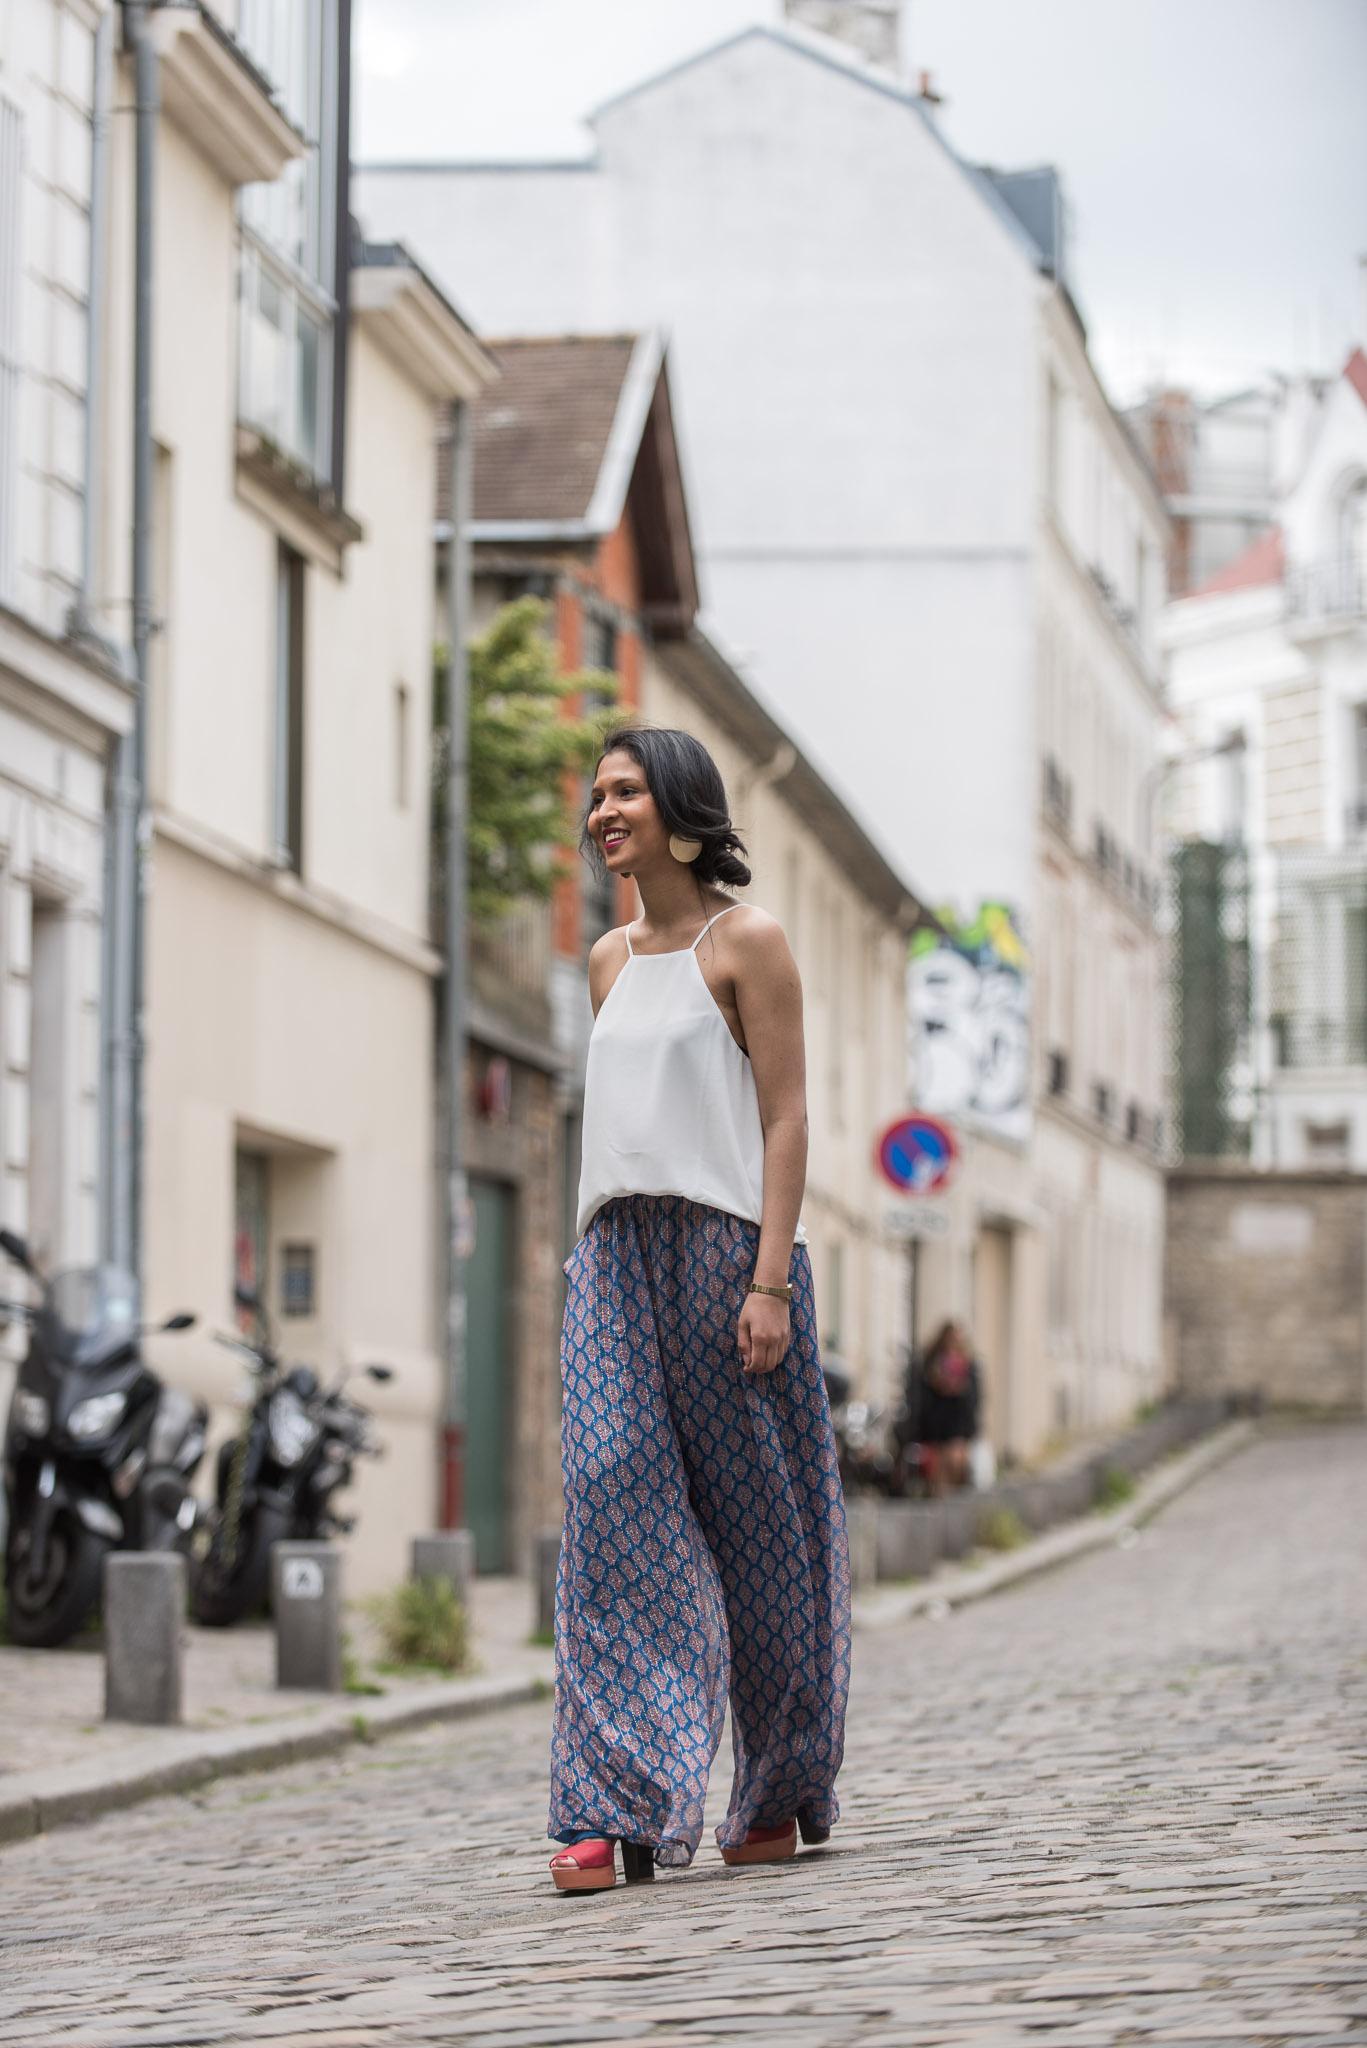 look-palazzo-pants